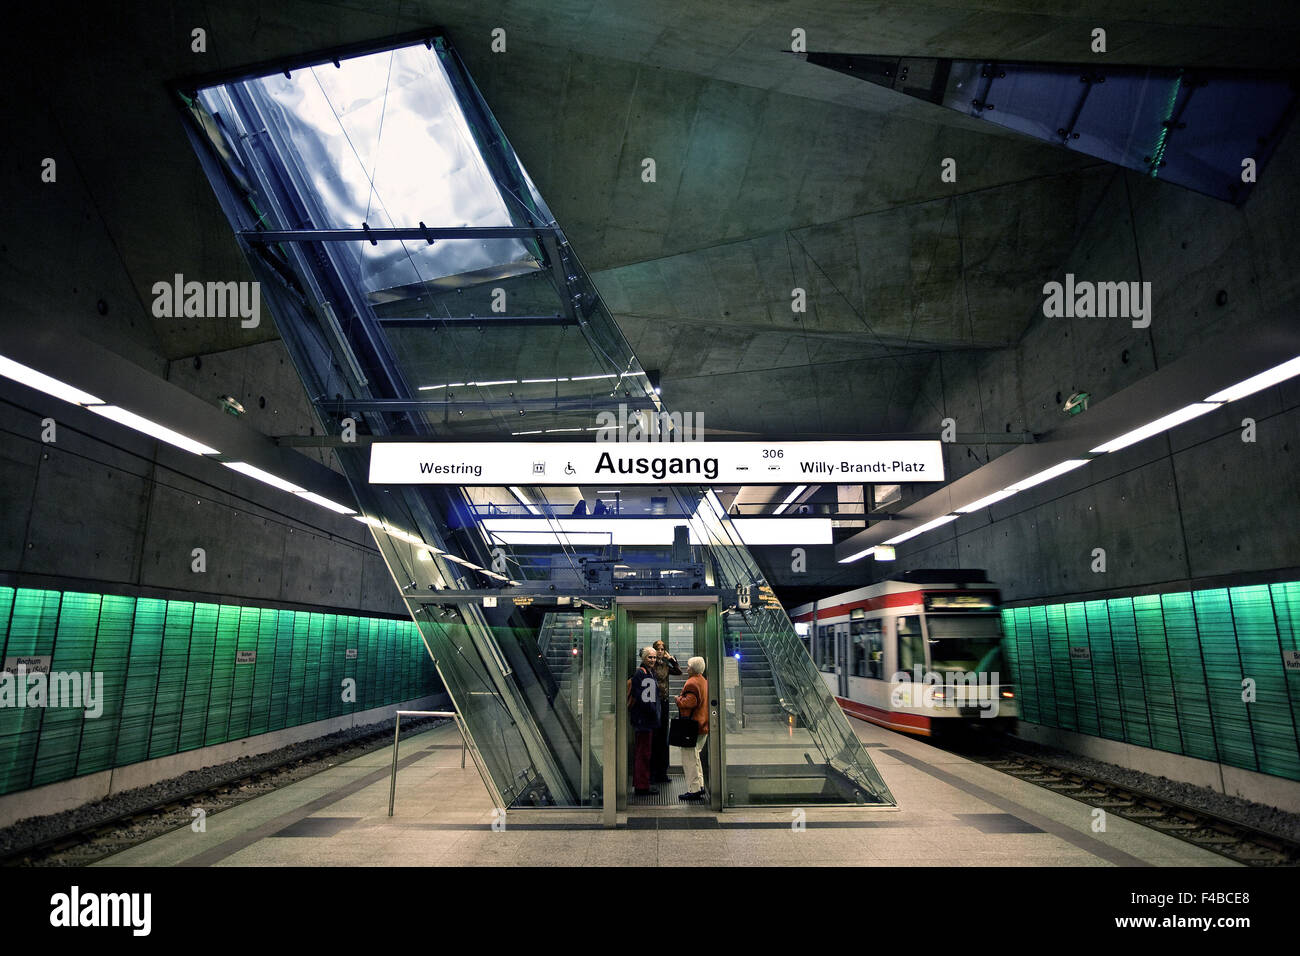 Rathaus Underground Station, Bochum, Germany. - Stock Image